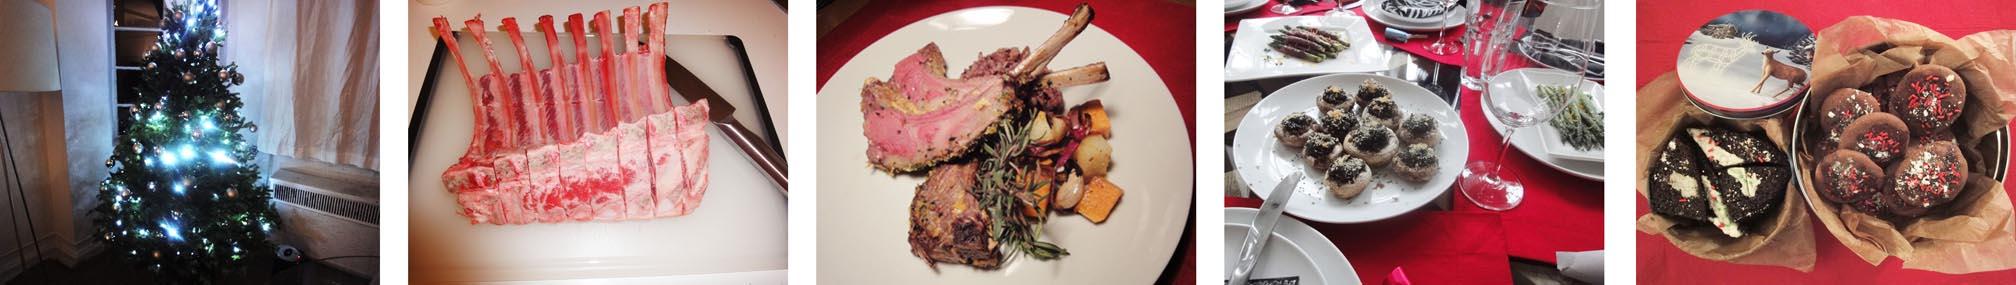 Lamb-001